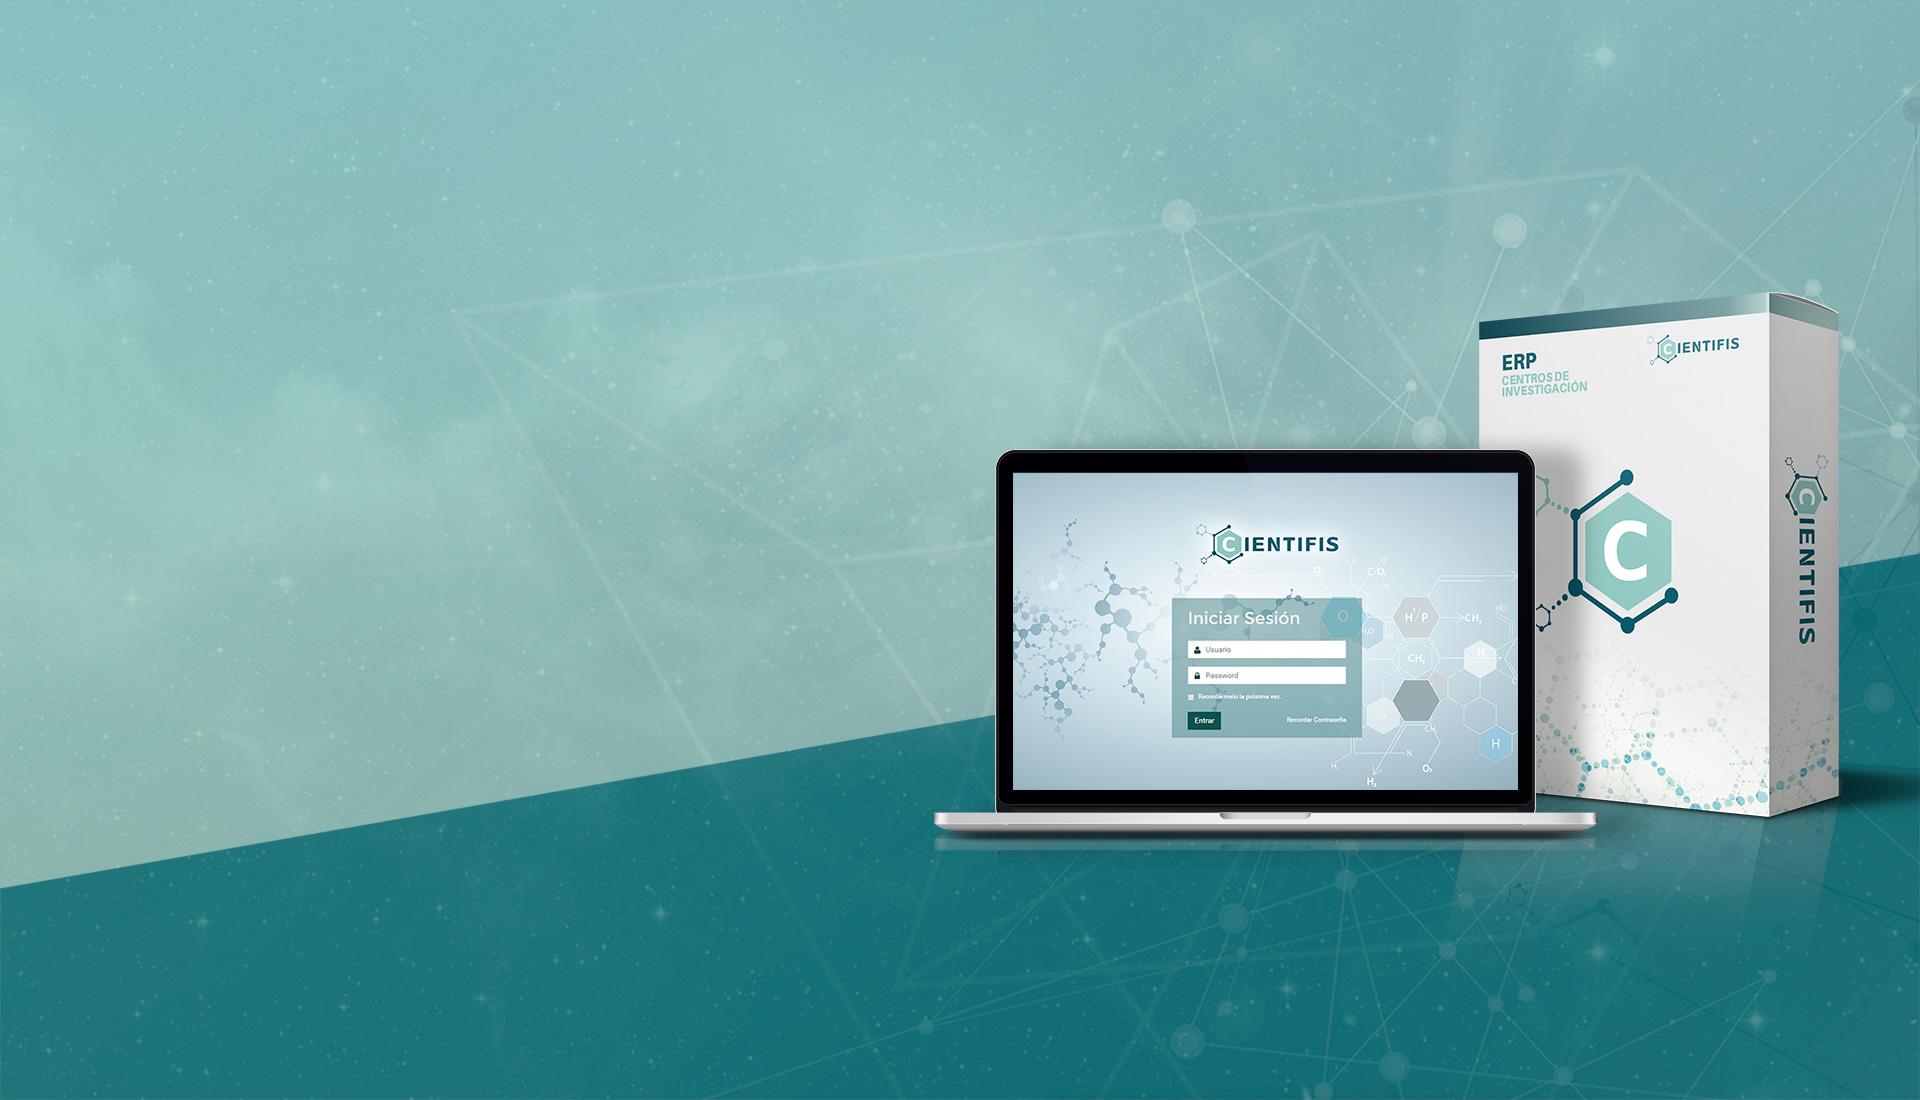 ERP Gestión Integral para Centros de Investigación